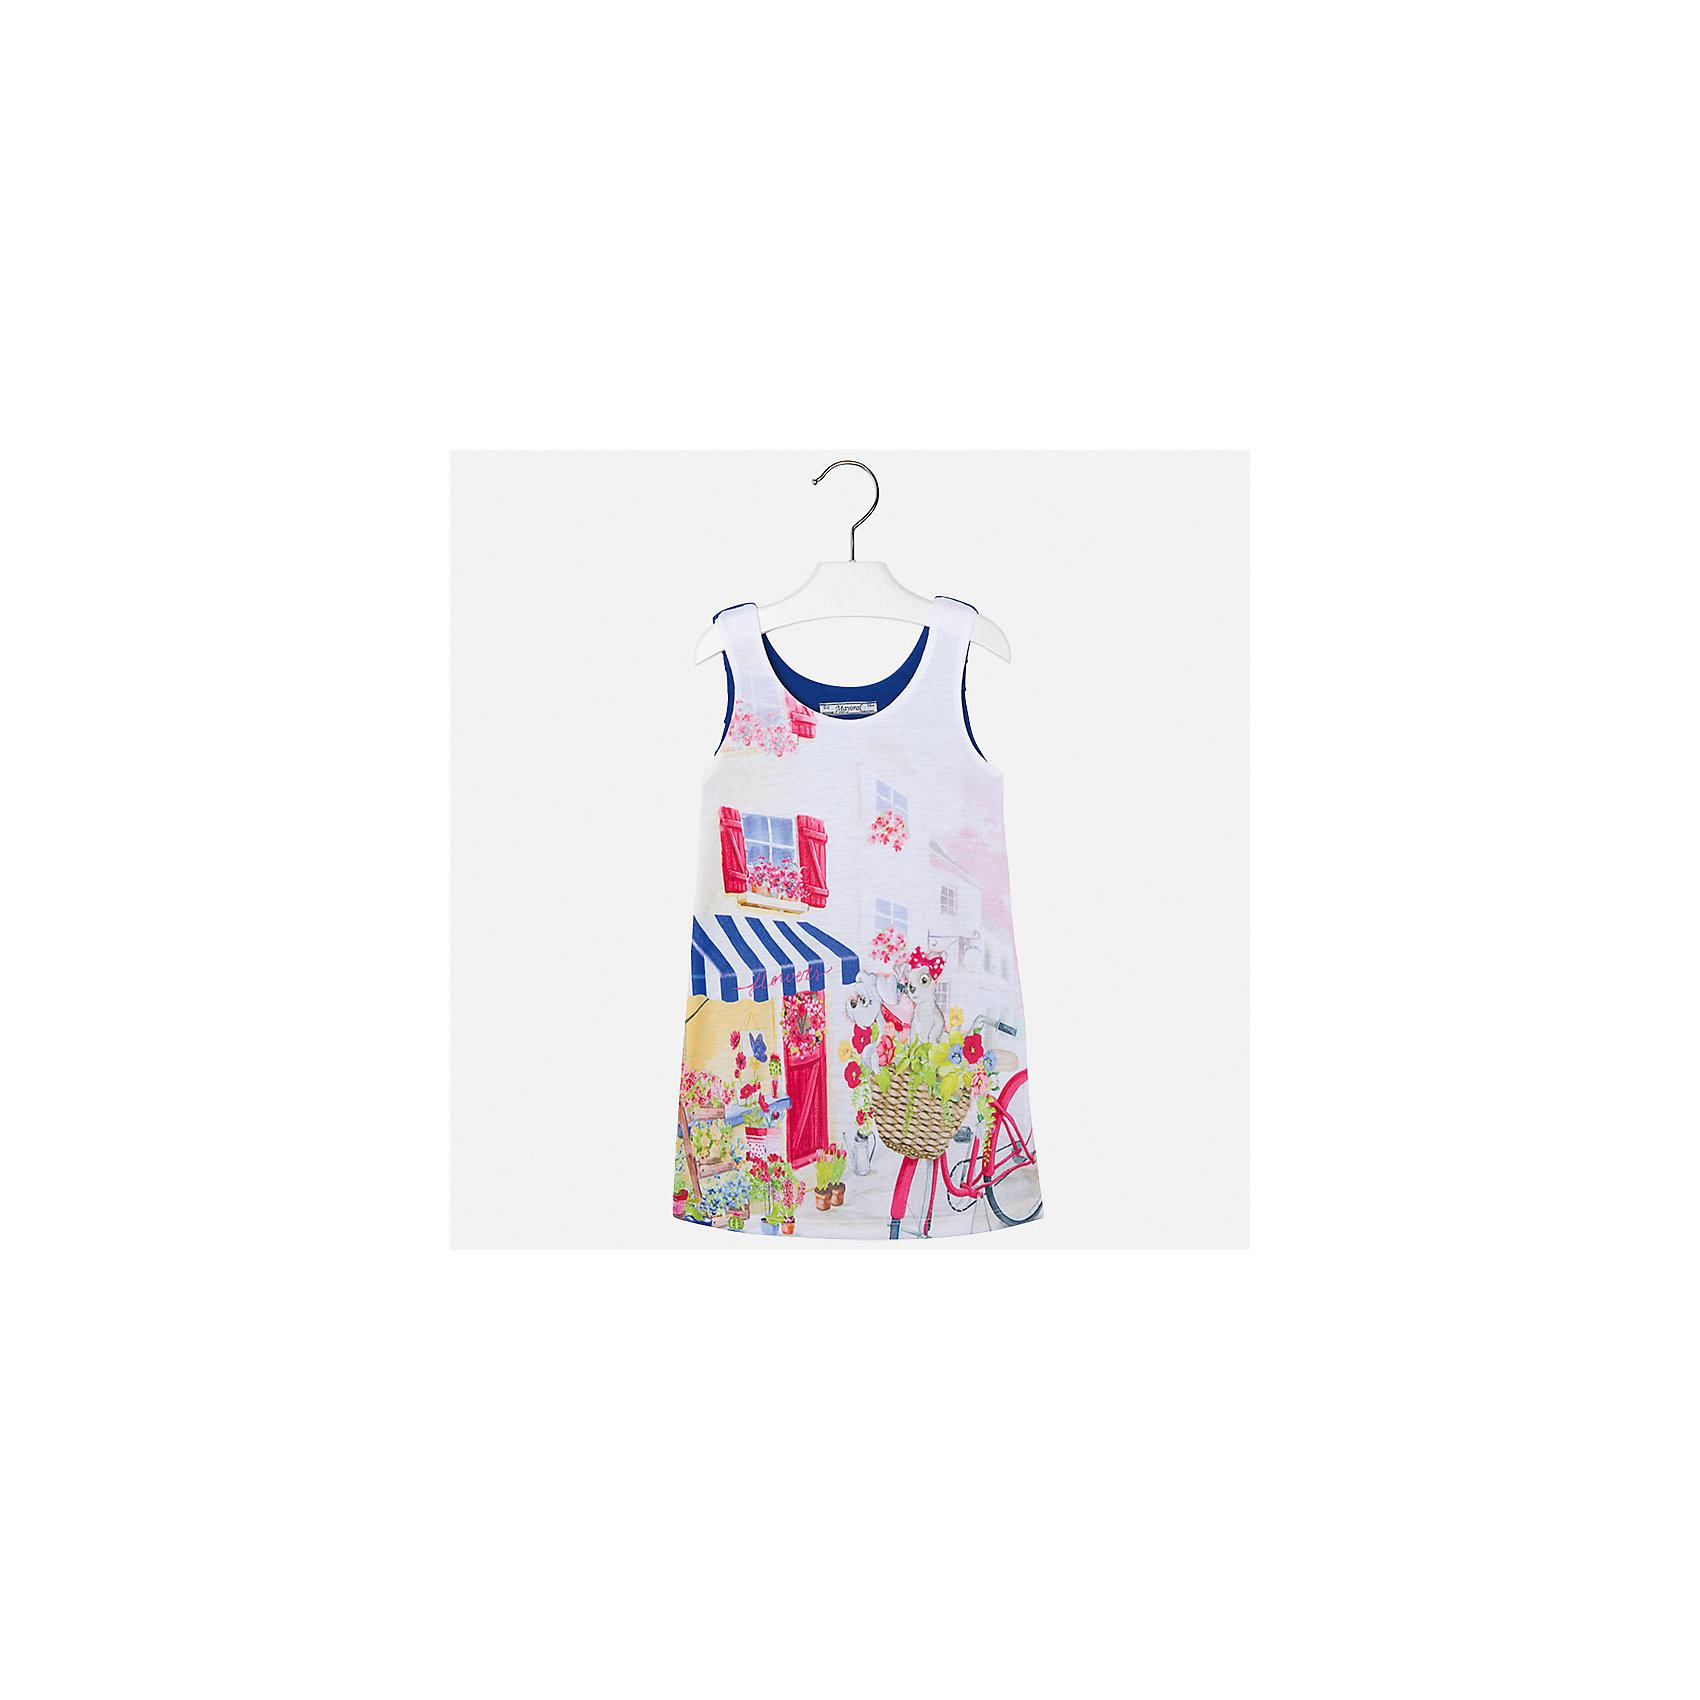 Платье для девочки MayoralХарактеристики товара:<br><br>• цвет: белый/синий<br>• состав: 92% хлопок, 8% эластан, подкладка - 100% полиэстер<br>• плисированное сзади<br>• без застежки<br>• принт<br>• без рукавов<br>• с подкладкой<br>• страна бренда: Испания<br><br>Модное красивое платье для девочки поможет разнообразить гардероб ребенка и создать эффектный наряд. Оно отлично подойдет для различных случаев. Красивый оттенок позволяет подобрать к вещи обувь разных расцветок. Платье хорошо сидит по фигуре. . В составе материала - натуральный хлопок, гипоаллергенный, приятный на ощупь, дышащий.<br><br>Одежда, обувь и аксессуары от испанского бренда Mayoral полюбились детям и взрослым по всему миру. Модели этой марки - стильные и удобные. Для их производства используются только безопасные, качественные материалы и фурнитура. Порадуйте ребенка модными и красивыми вещами от Mayoral! <br><br>Платье для девочки от испанского бренда Mayoral (Майорал) можно купить в нашем интернет-магазине.<br><br>Ширина мм: 236<br>Глубина мм: 16<br>Высота мм: 184<br>Вес г: 177<br>Цвет: синий<br>Возраст от месяцев: 72<br>Возраст до месяцев: 84<br>Пол: Женский<br>Возраст: Детский<br>Размер: 122,98,104,110,116<br>SKU: 5292464